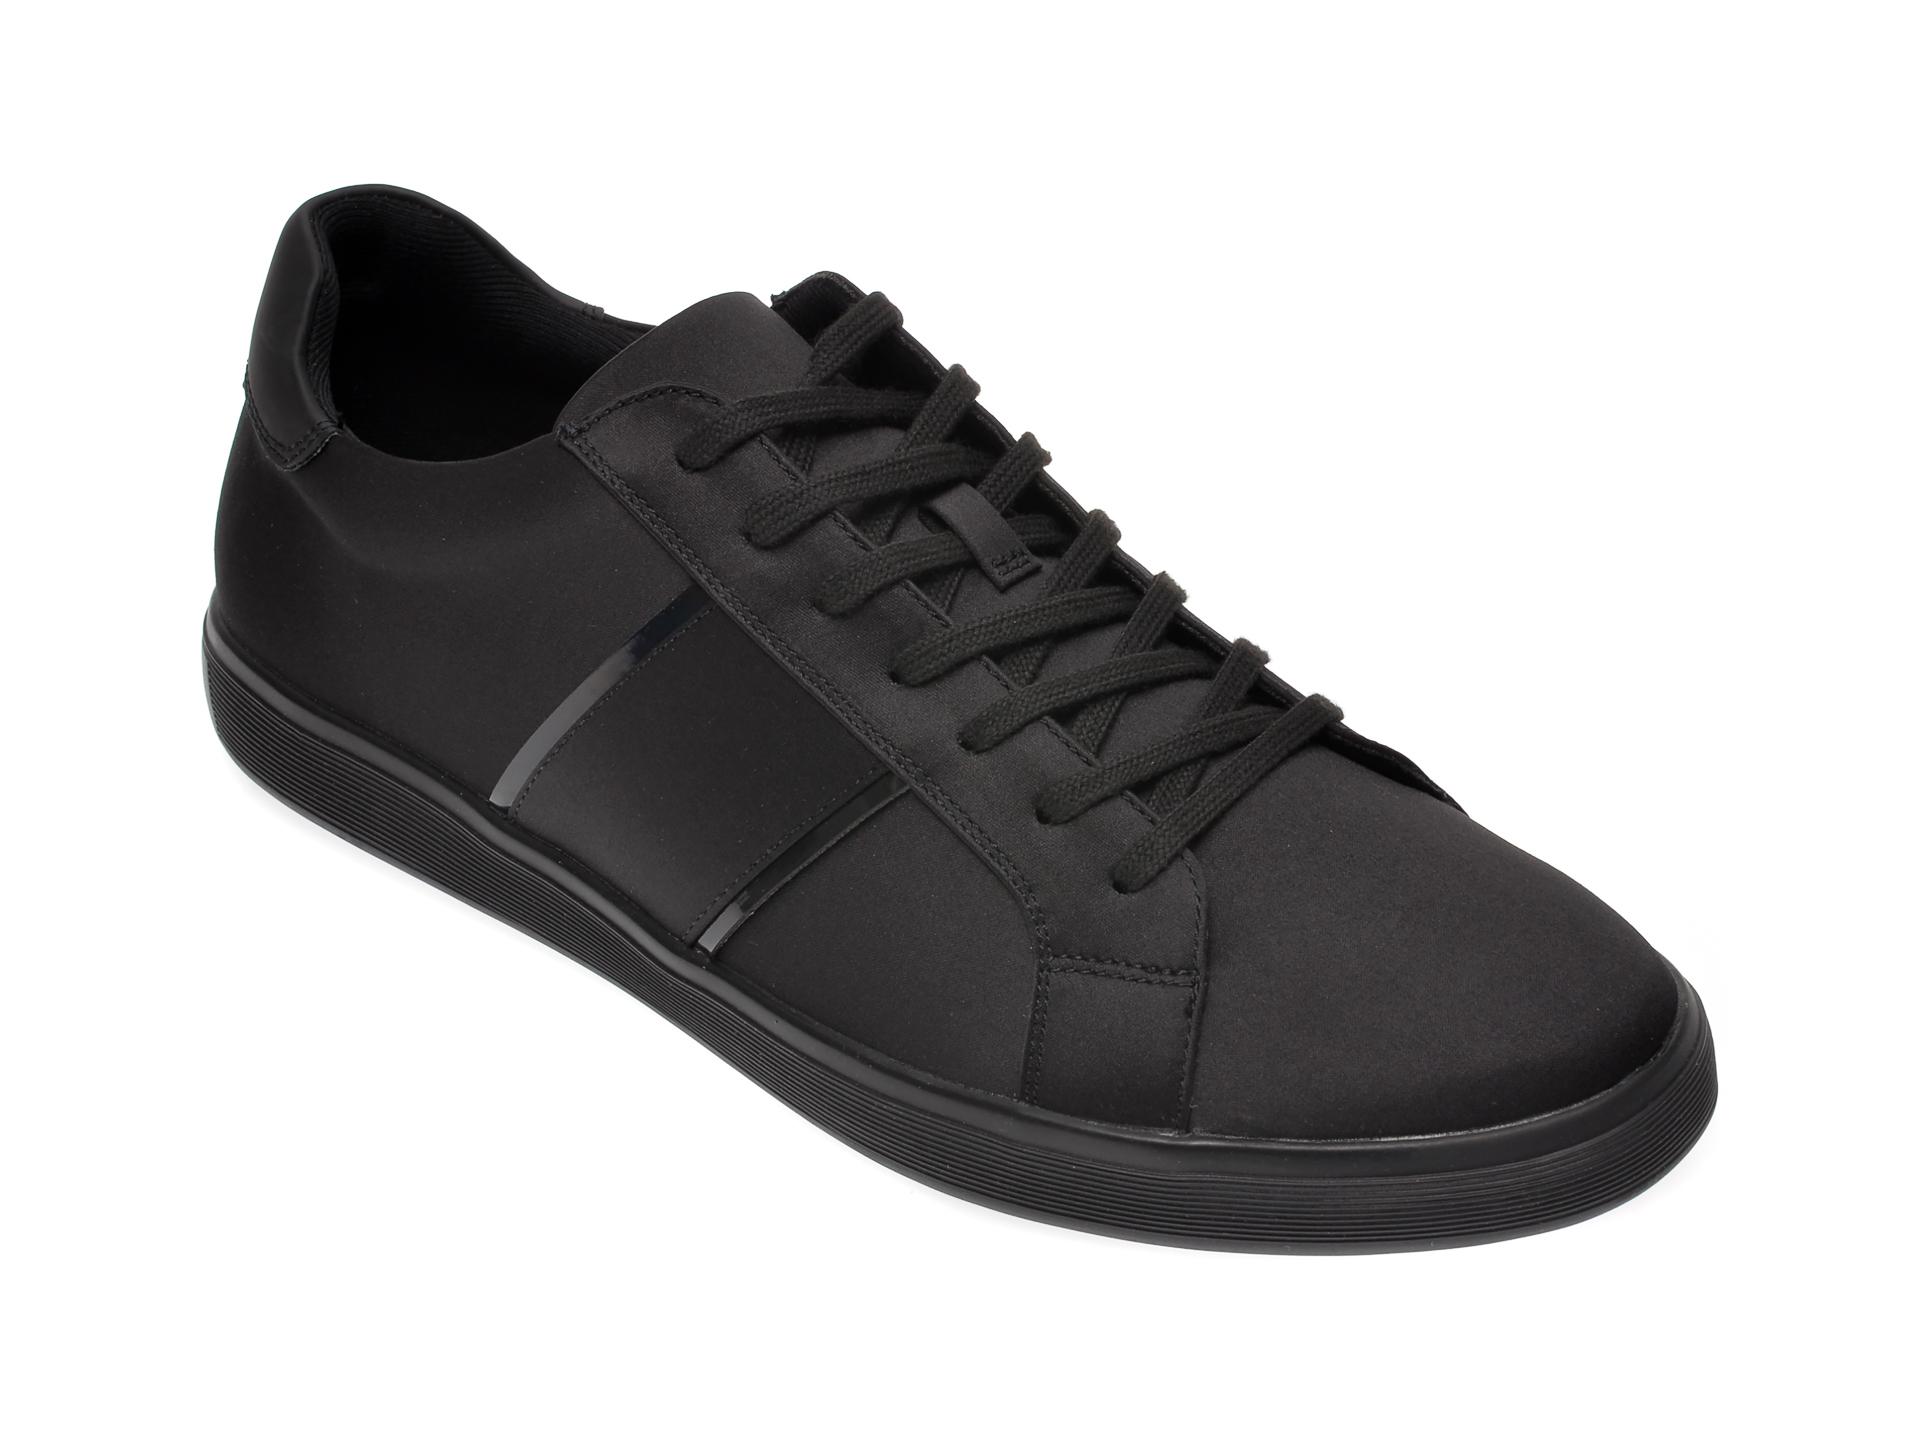 Pantofi ALDO negri, Cowien001, din material textil